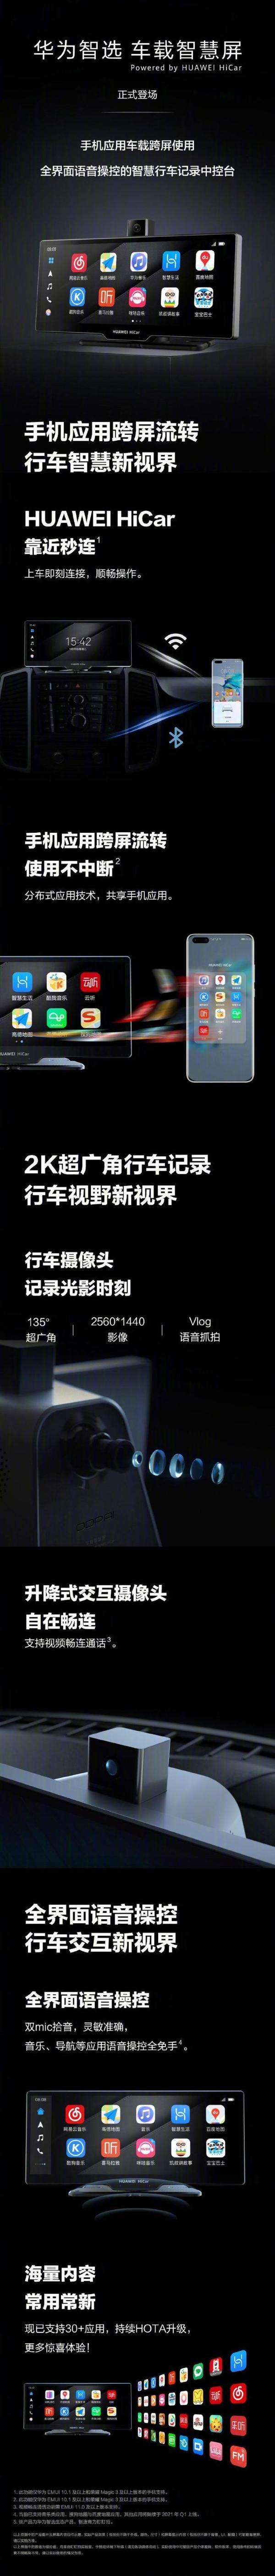 华为智选车载智慧屏预售开启,首发价1659元